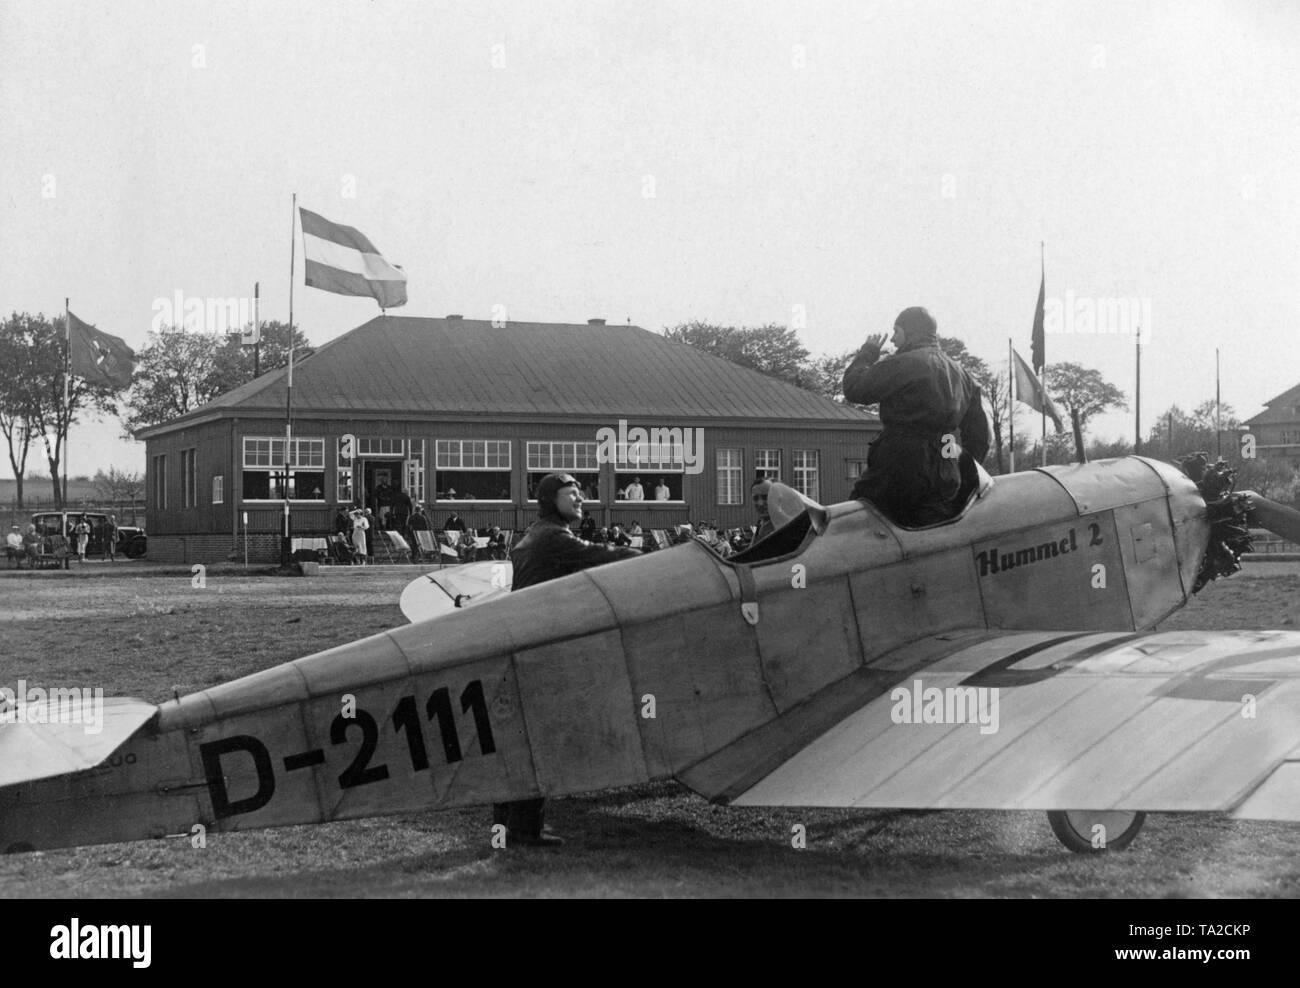 Imágenes numeradas. - Página 6 Un-klemm-l25-con-el-numero-de-la-cola-d-2111-y-el-nombre-hummel-ii-en-el-aerodromo-berlin-staaken-ta2ckp